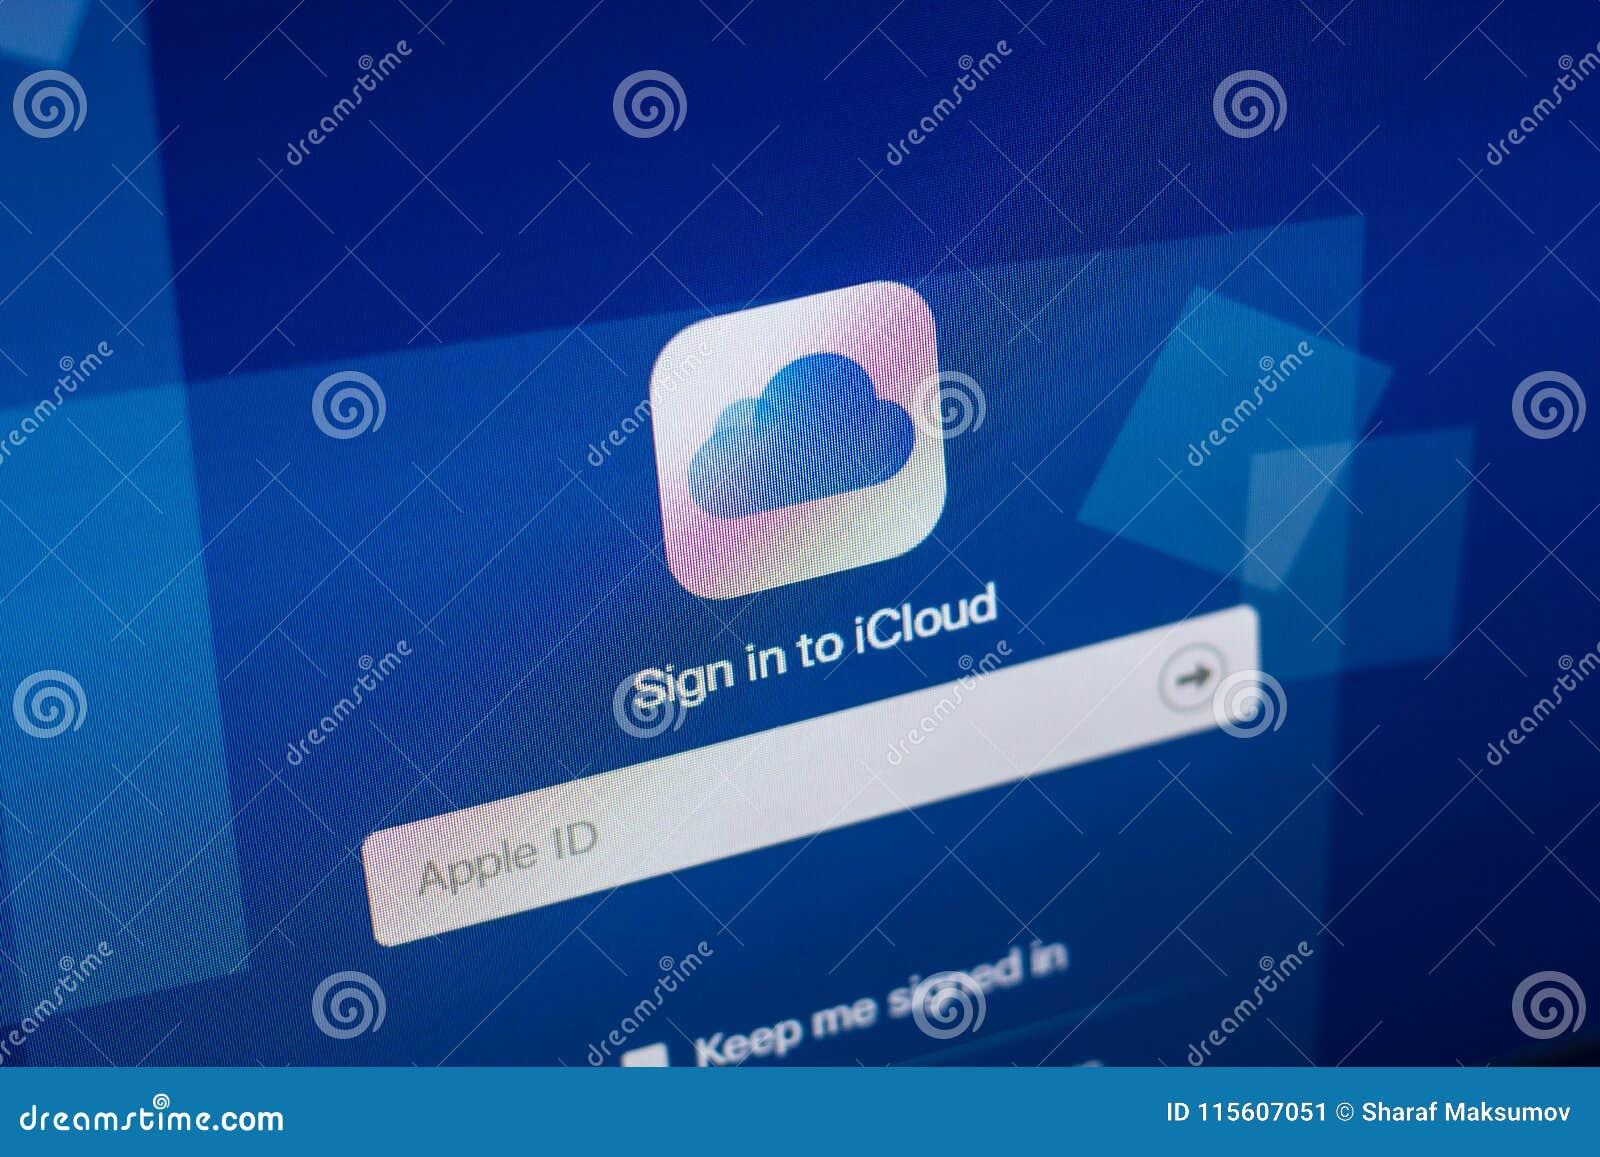 Ryazan, Russia - April 29, 2018: Homepage of iCloud website on the display of PC, url - iCloud.com.